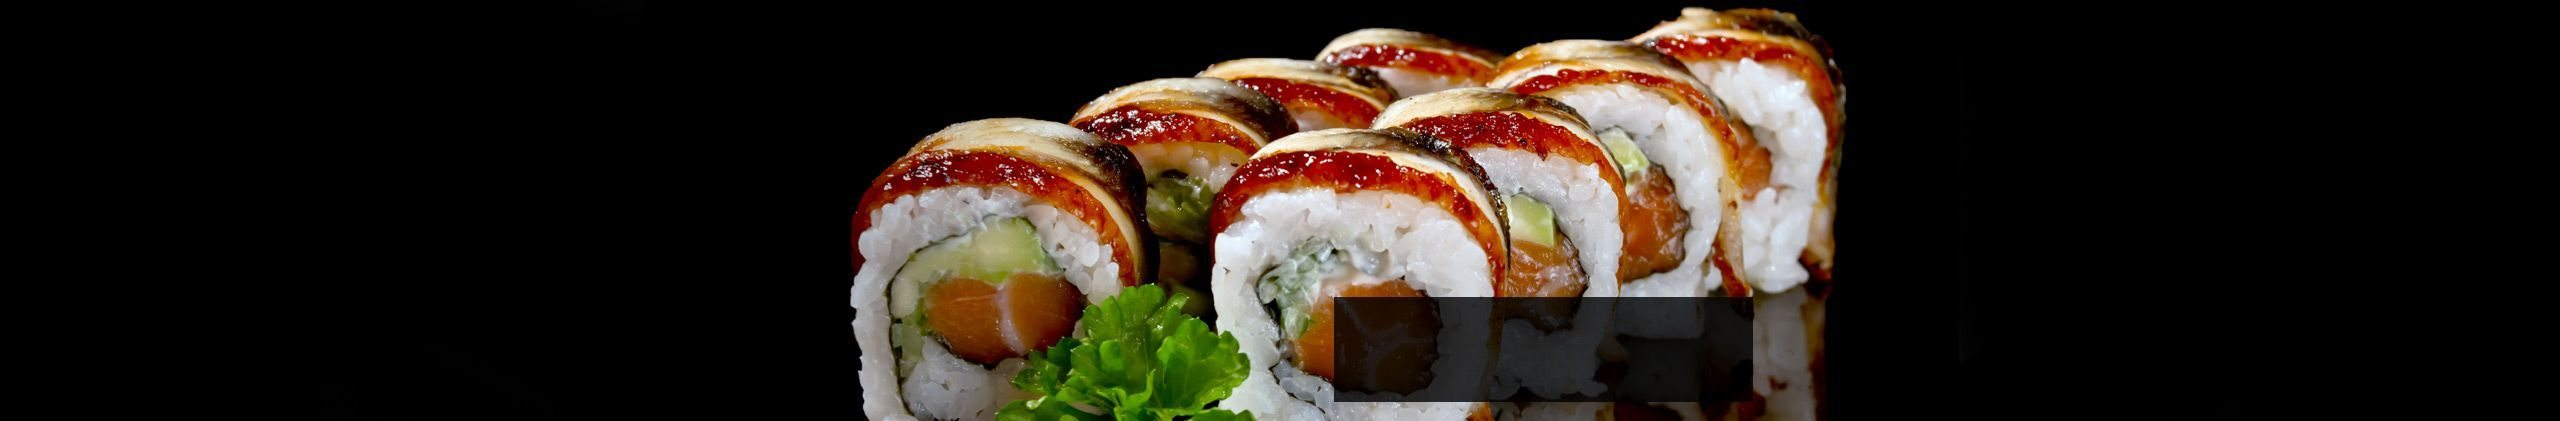 סושי לאירועים - נויה סושי